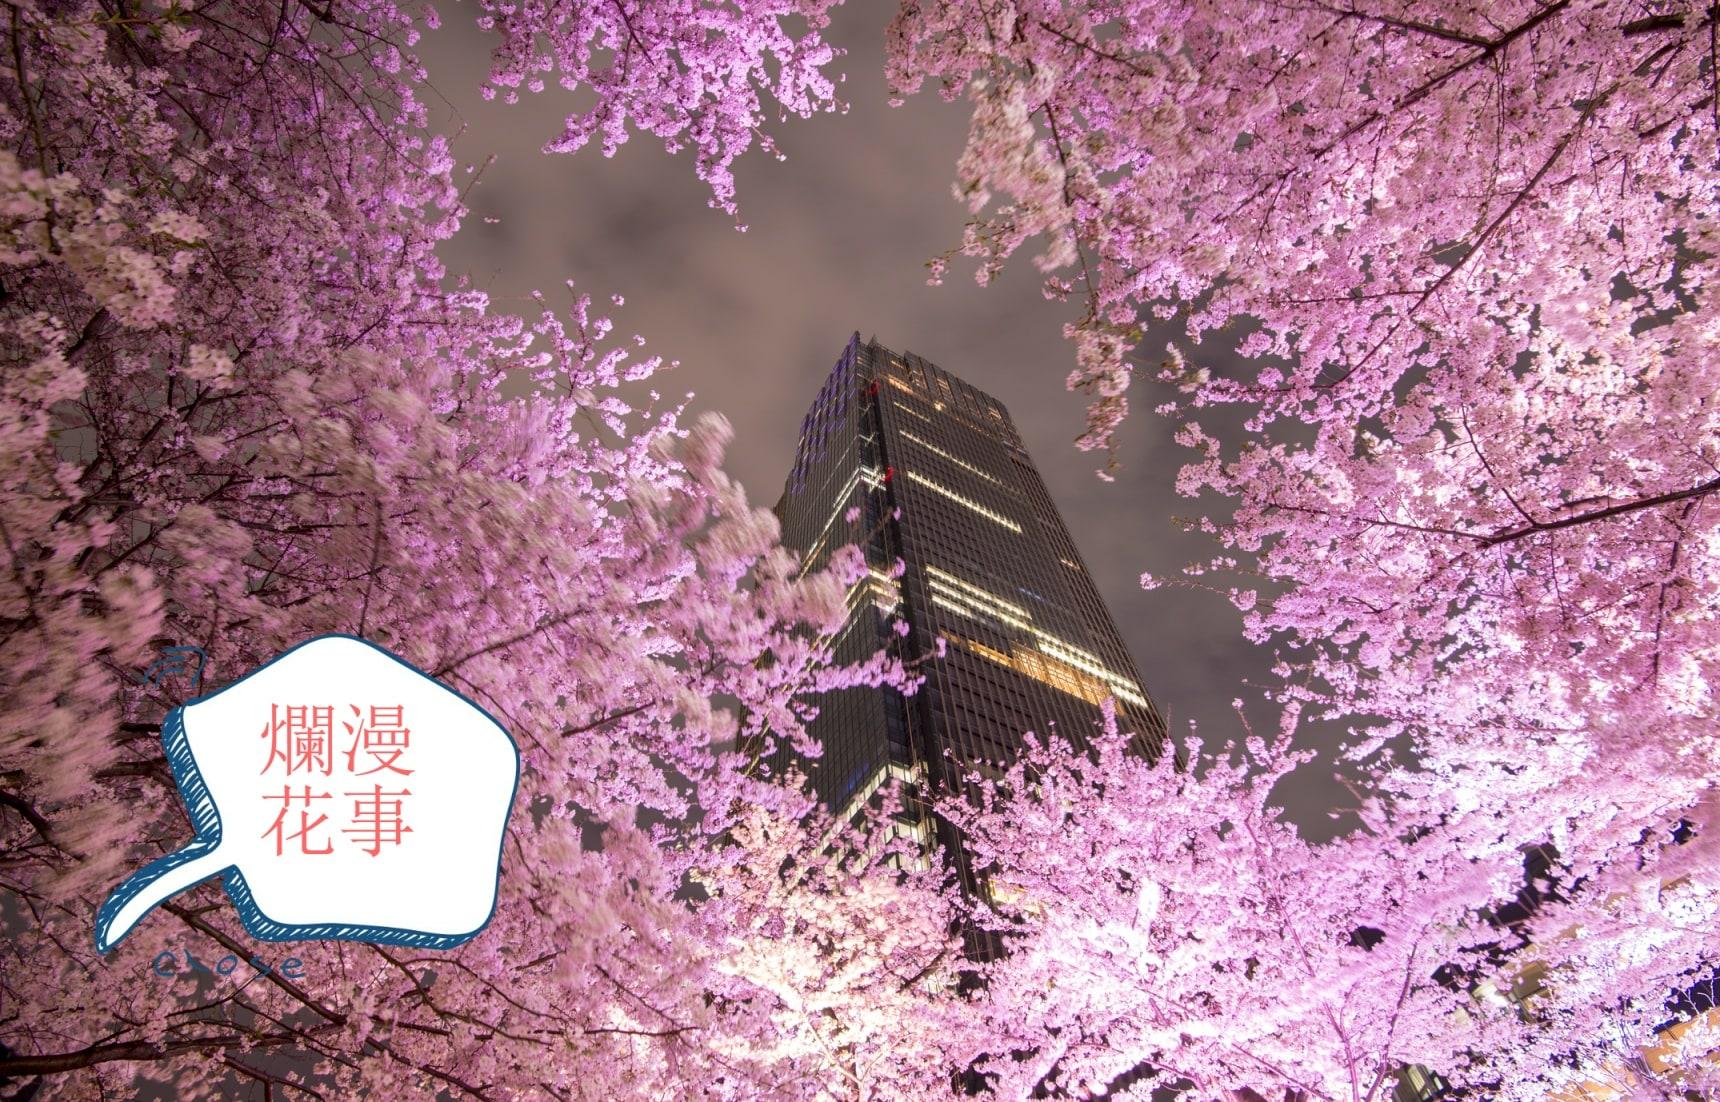 那一场烂漫绯红的「花事」— 东京赏樱名所5星指数推荐